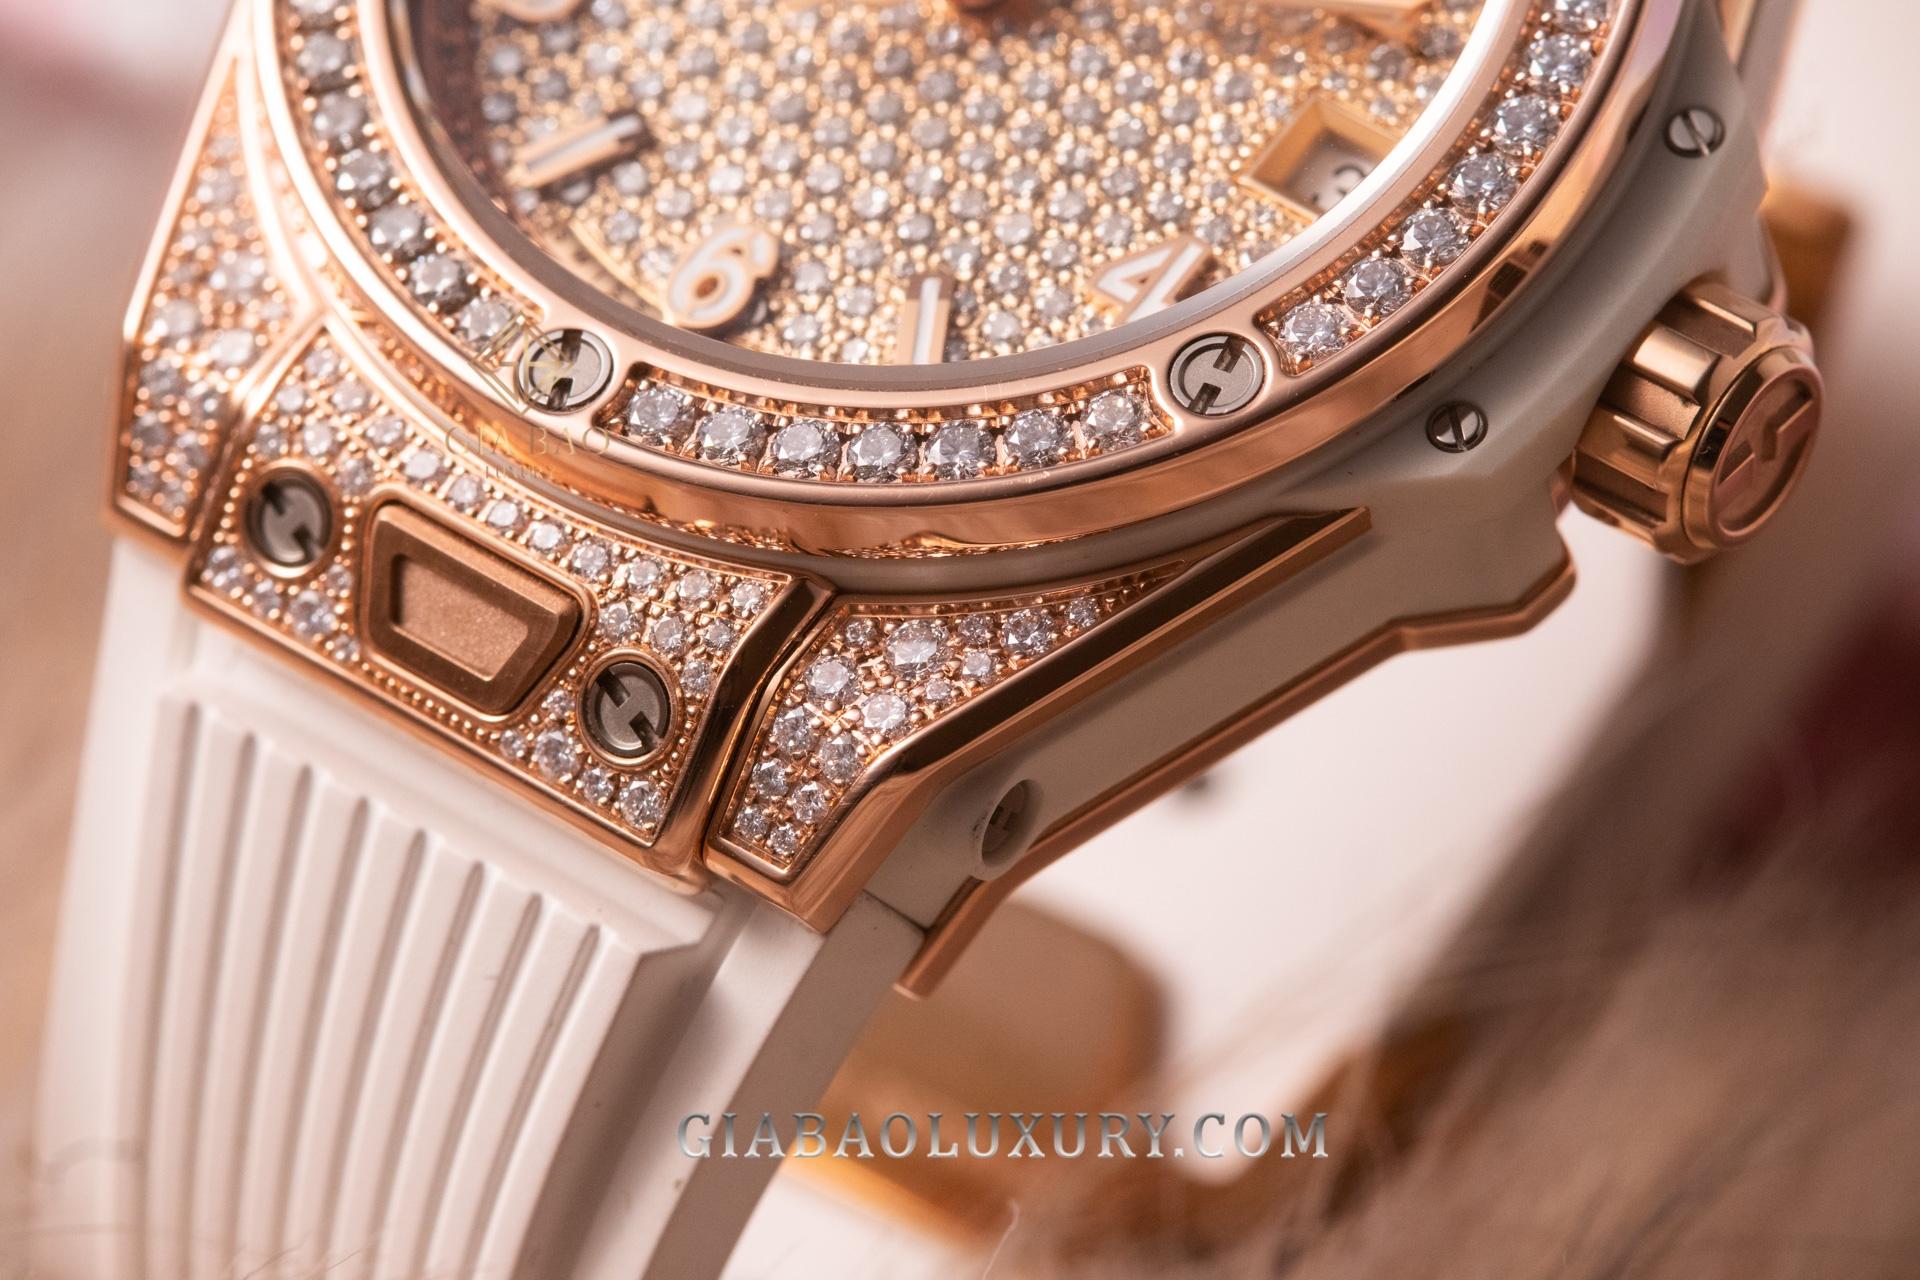 Đồng Hồ Hublot Big Bang One Click King Gold White Full Pavé 39mm 465.oe.9010.rw.1604